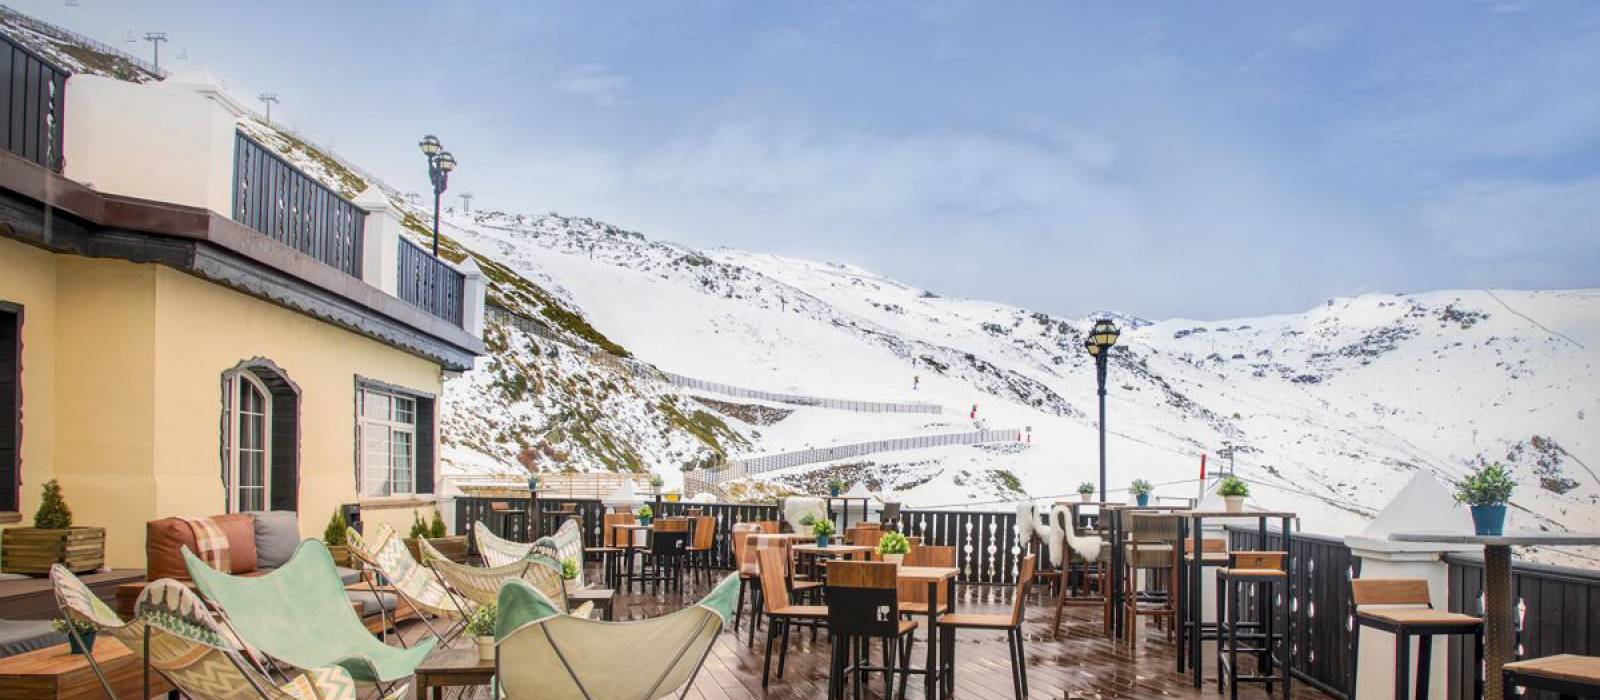 Soggiorna 4 notti e risparmia -15% Rumaykiyya Hotel Sierra Nevada